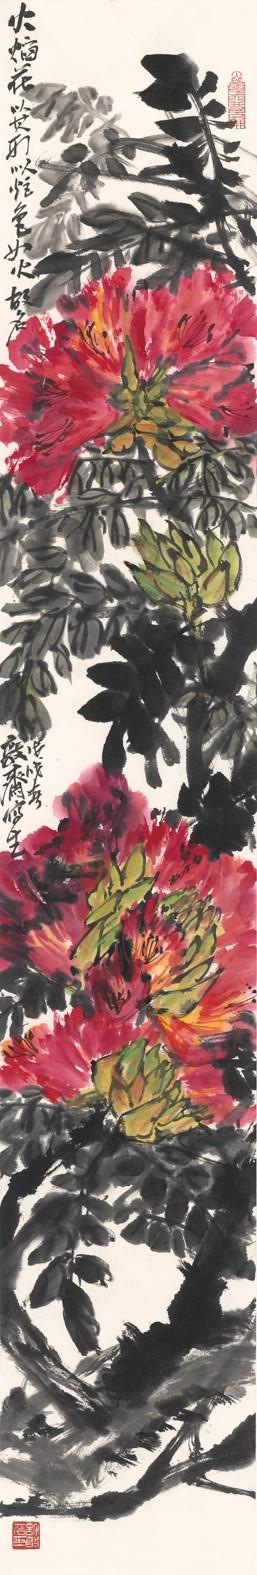 许敦平《版纳花卉写生之一》138cm×23cm  纸本设色  2018年